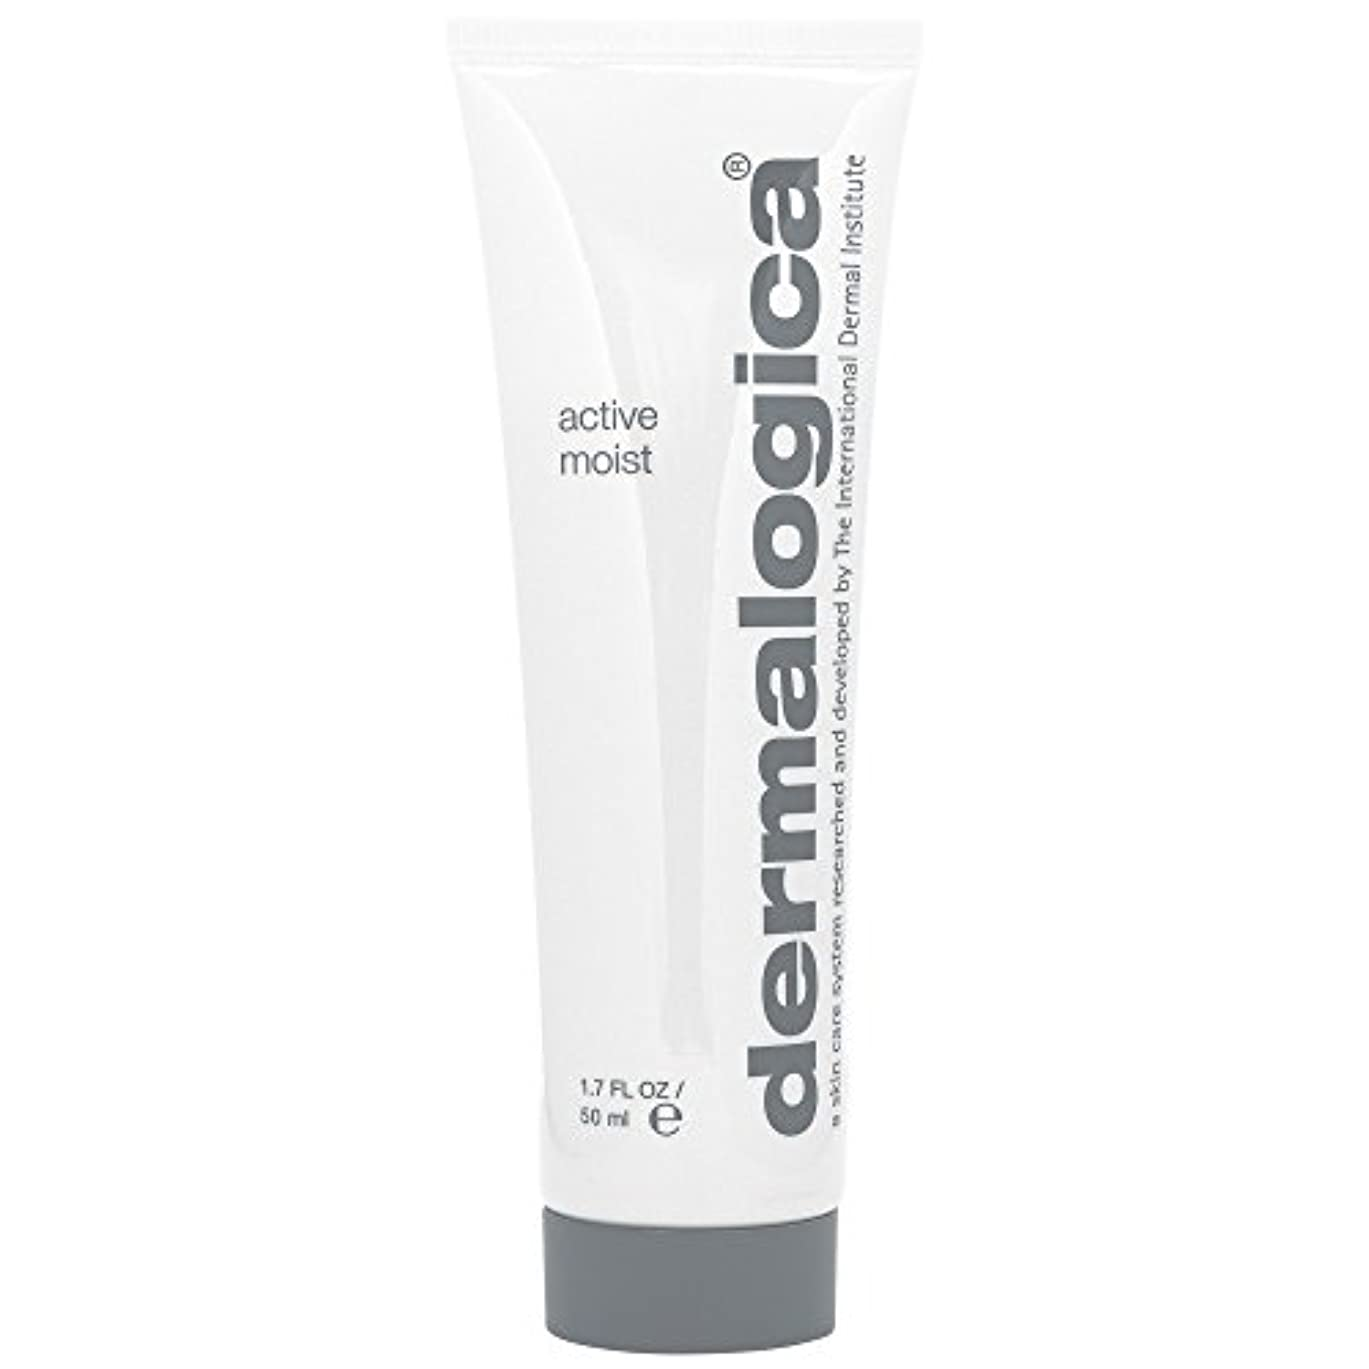 レビューつぼみ準備するダーマロジカアクティブ湿った顔の保湿剤の50ミリリットル (Dermalogica) (x2) - Dermalogica Active Moist Facial Moisturiser 50ml (Pack of 2)...